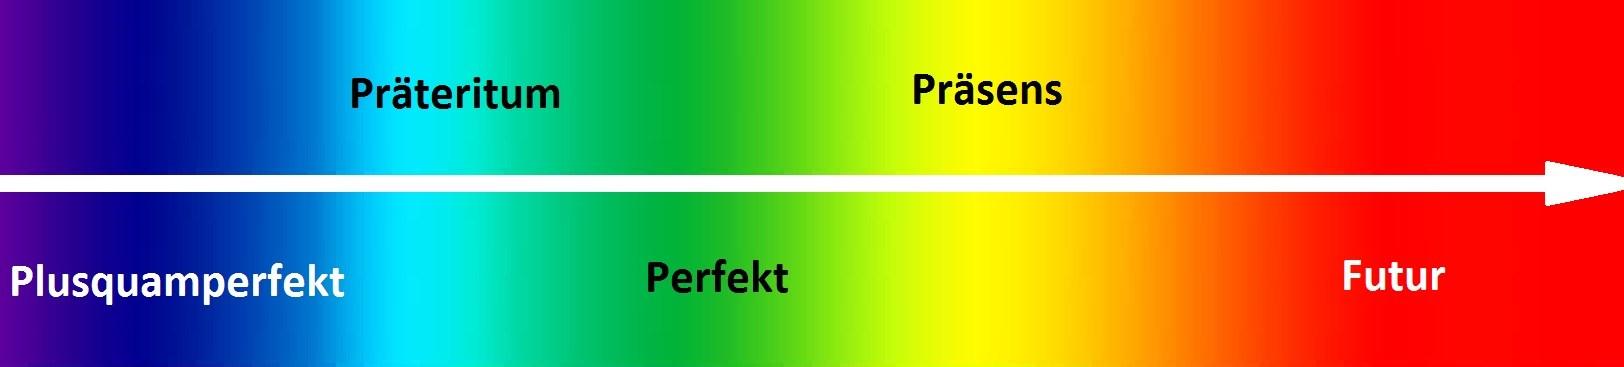 Präsens, Präteritum, Perfekt, Plusquamperfekt, Futur I, Futur II